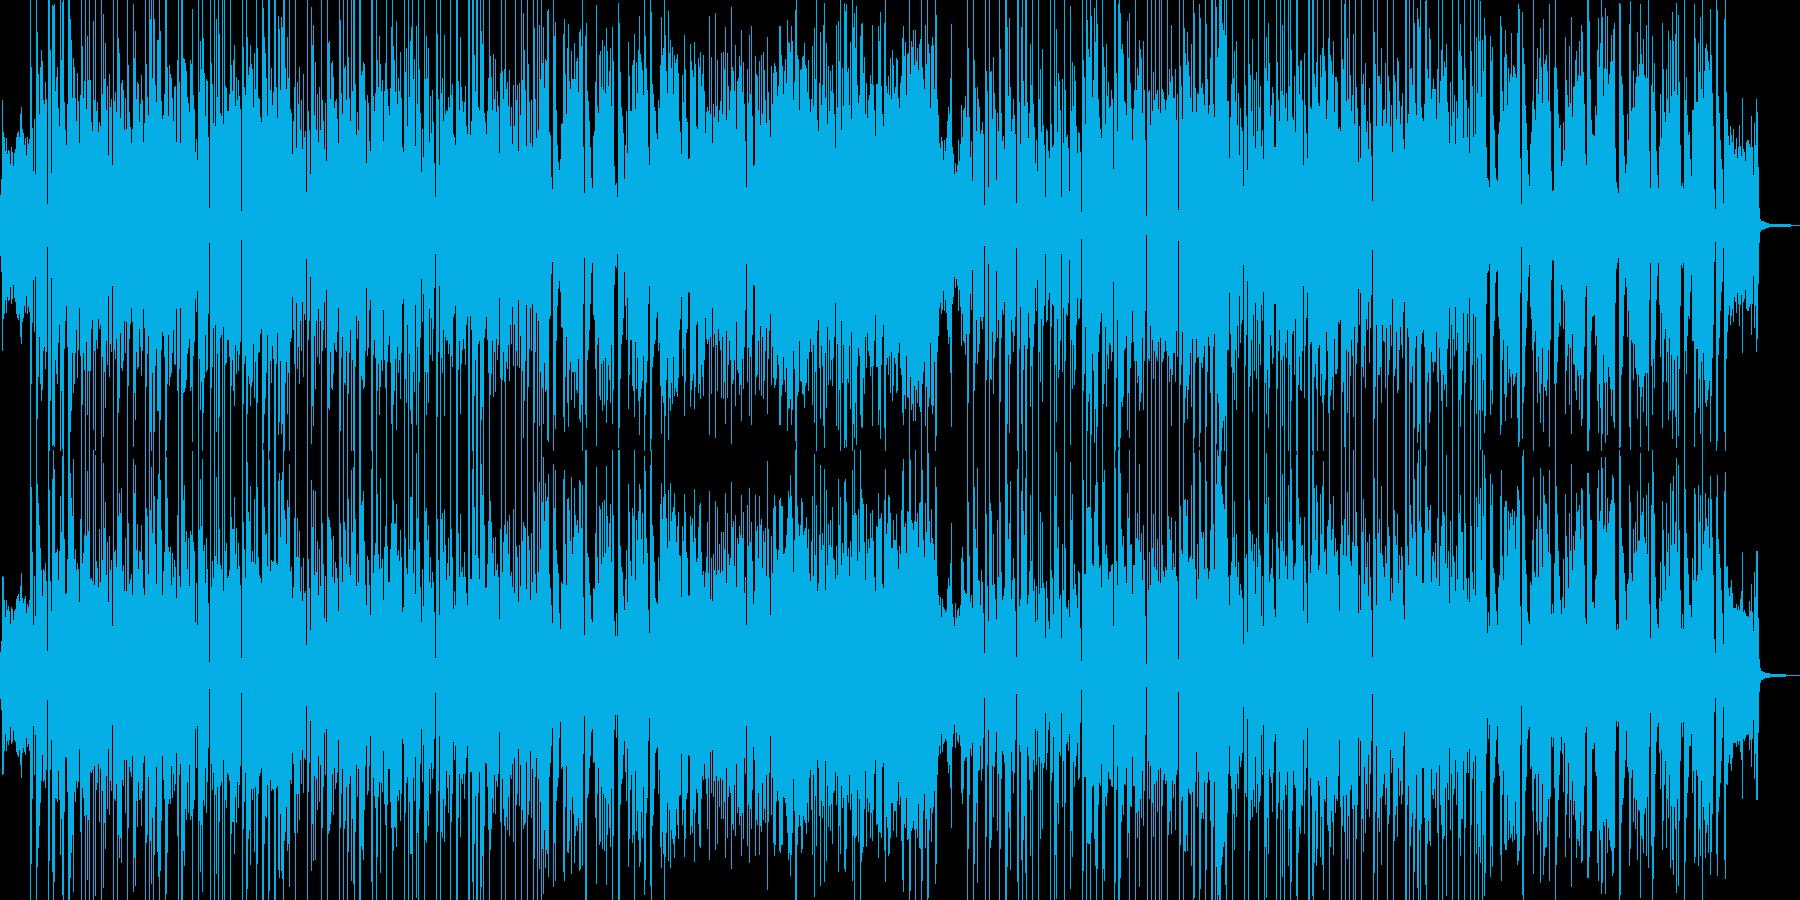 琴・三味線 渋いR&Bポップ 長尺の再生済みの波形